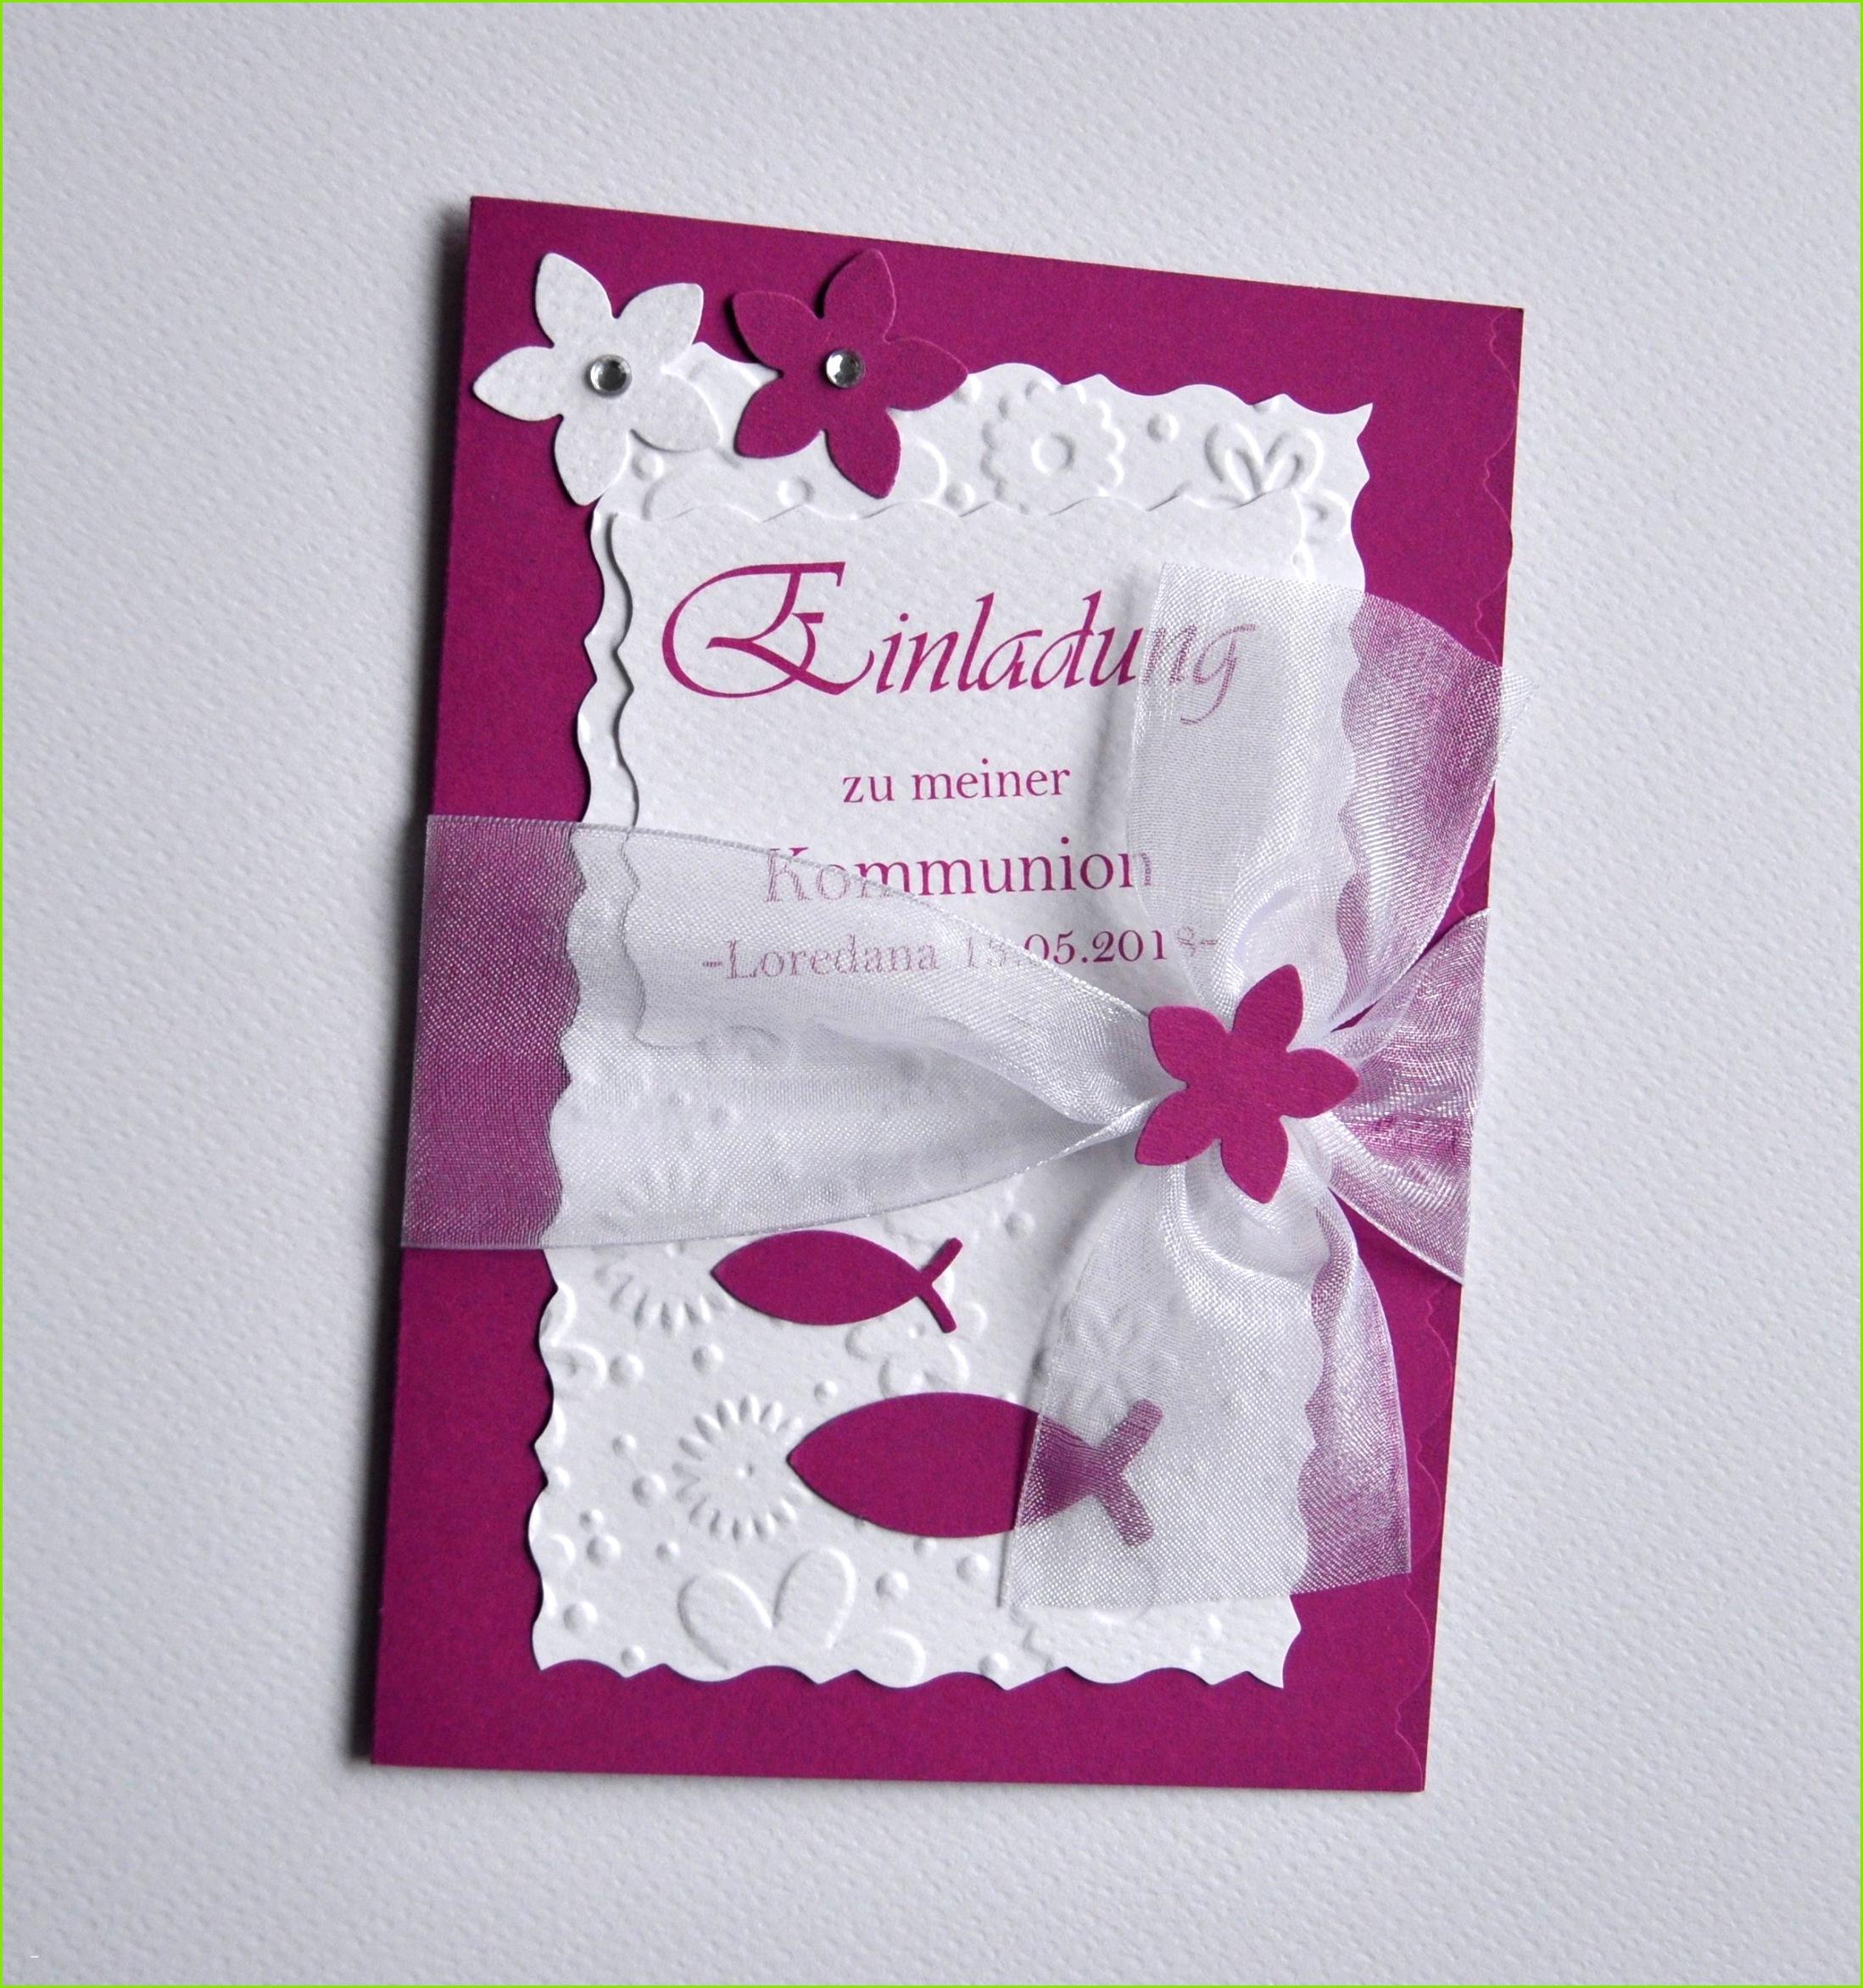 Kommunion Einladungskarten Dankeskarten Firmung Sammlungen Einladungskarten Einladungskarte kommunion einladungskarten 0D Vorlage Dankeskarte